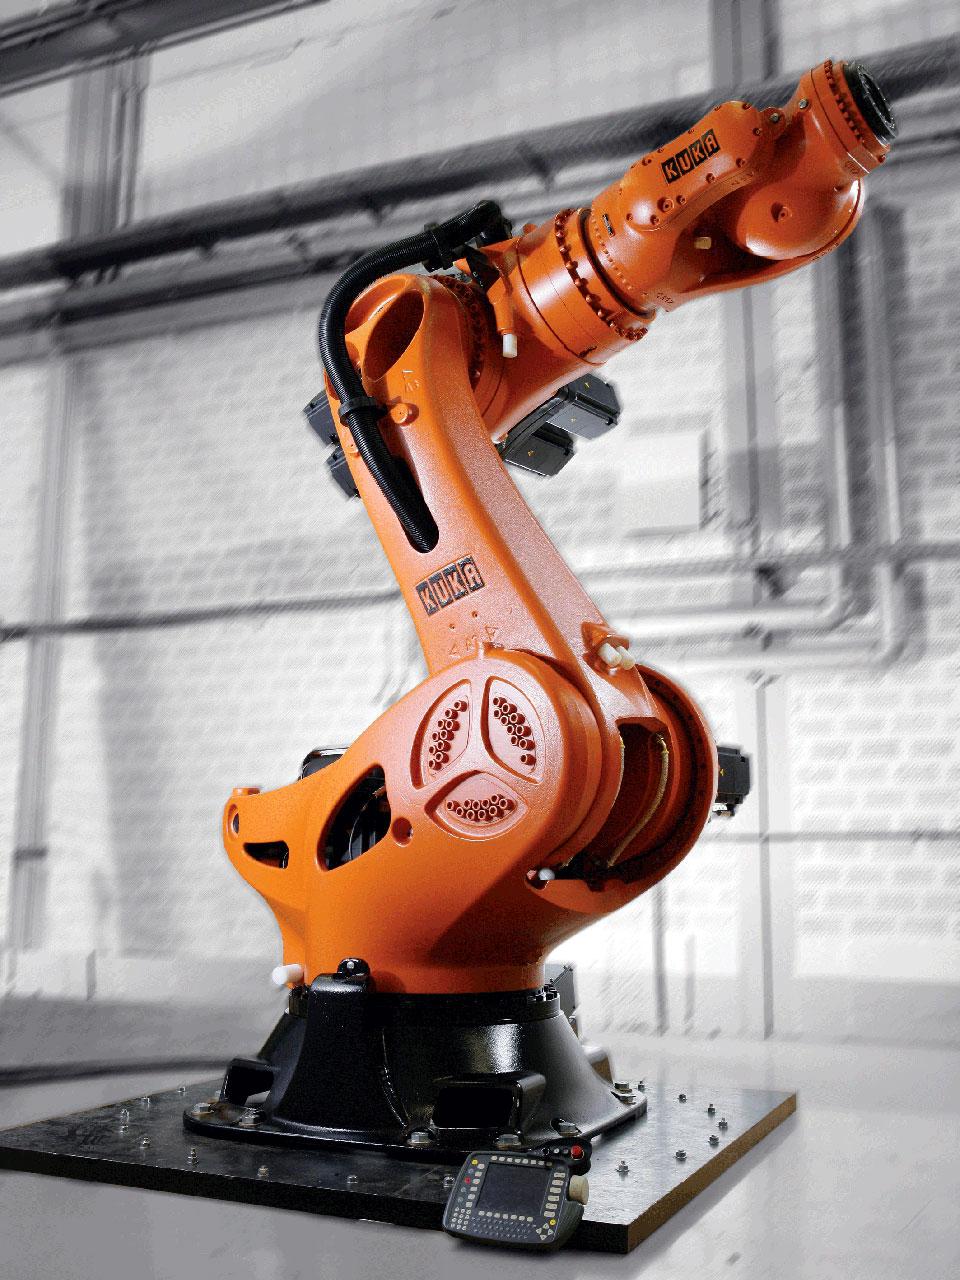 Промышленный робот манипулятор своими руками 66